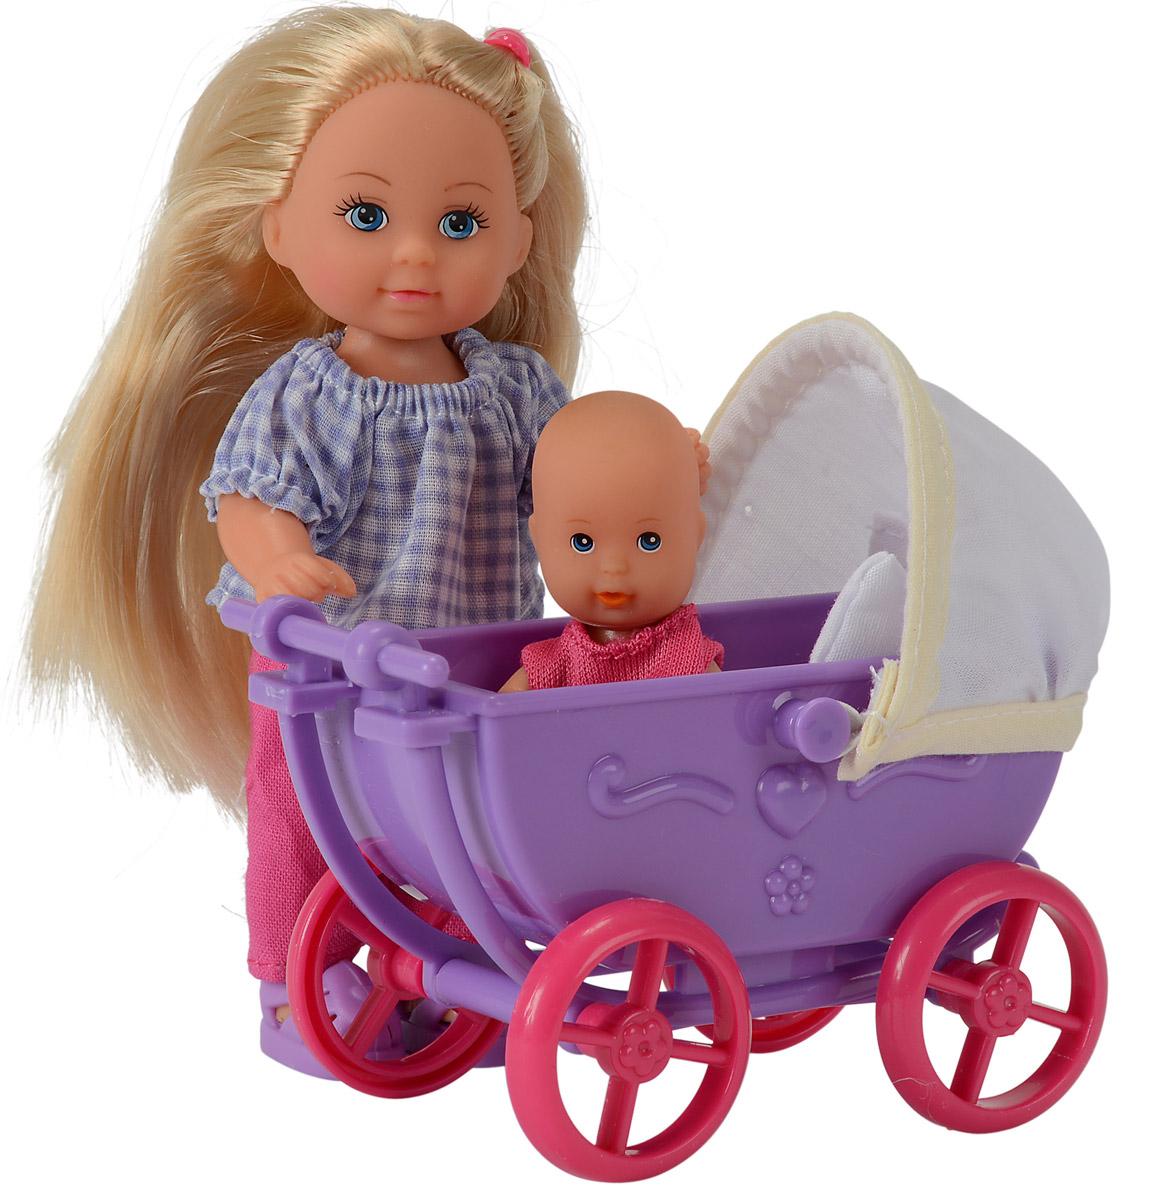 Simba Кукла Еви в брюках с малышом 57362415736241_фиолетовая коляскаИгровой набор Simba Еви с малышом порадует любую девочку и надолго увлечет ее. Для прогулки со своим малышом у куклы есть все необходимое: удобная коляска, одеяло, подушка, игрушки и погремушки. Еви очень любит гулять с младенцем. Она одета в в стильные летние штанишки и кофточку, а на ножках фиолетовые босоножки. Руки, ноги и голова куклы подвижны, благодаря чему ей можно придавать разнообразные позы. Игры с куклой способствуют эмоциональному развитию, помогают формировать воображение и художественный вкус, а также разовьют в вашей малышке чувство ответственности и заботы. Великолепное качество исполнения делают эту куколку чудесным подарком к любому празднику.